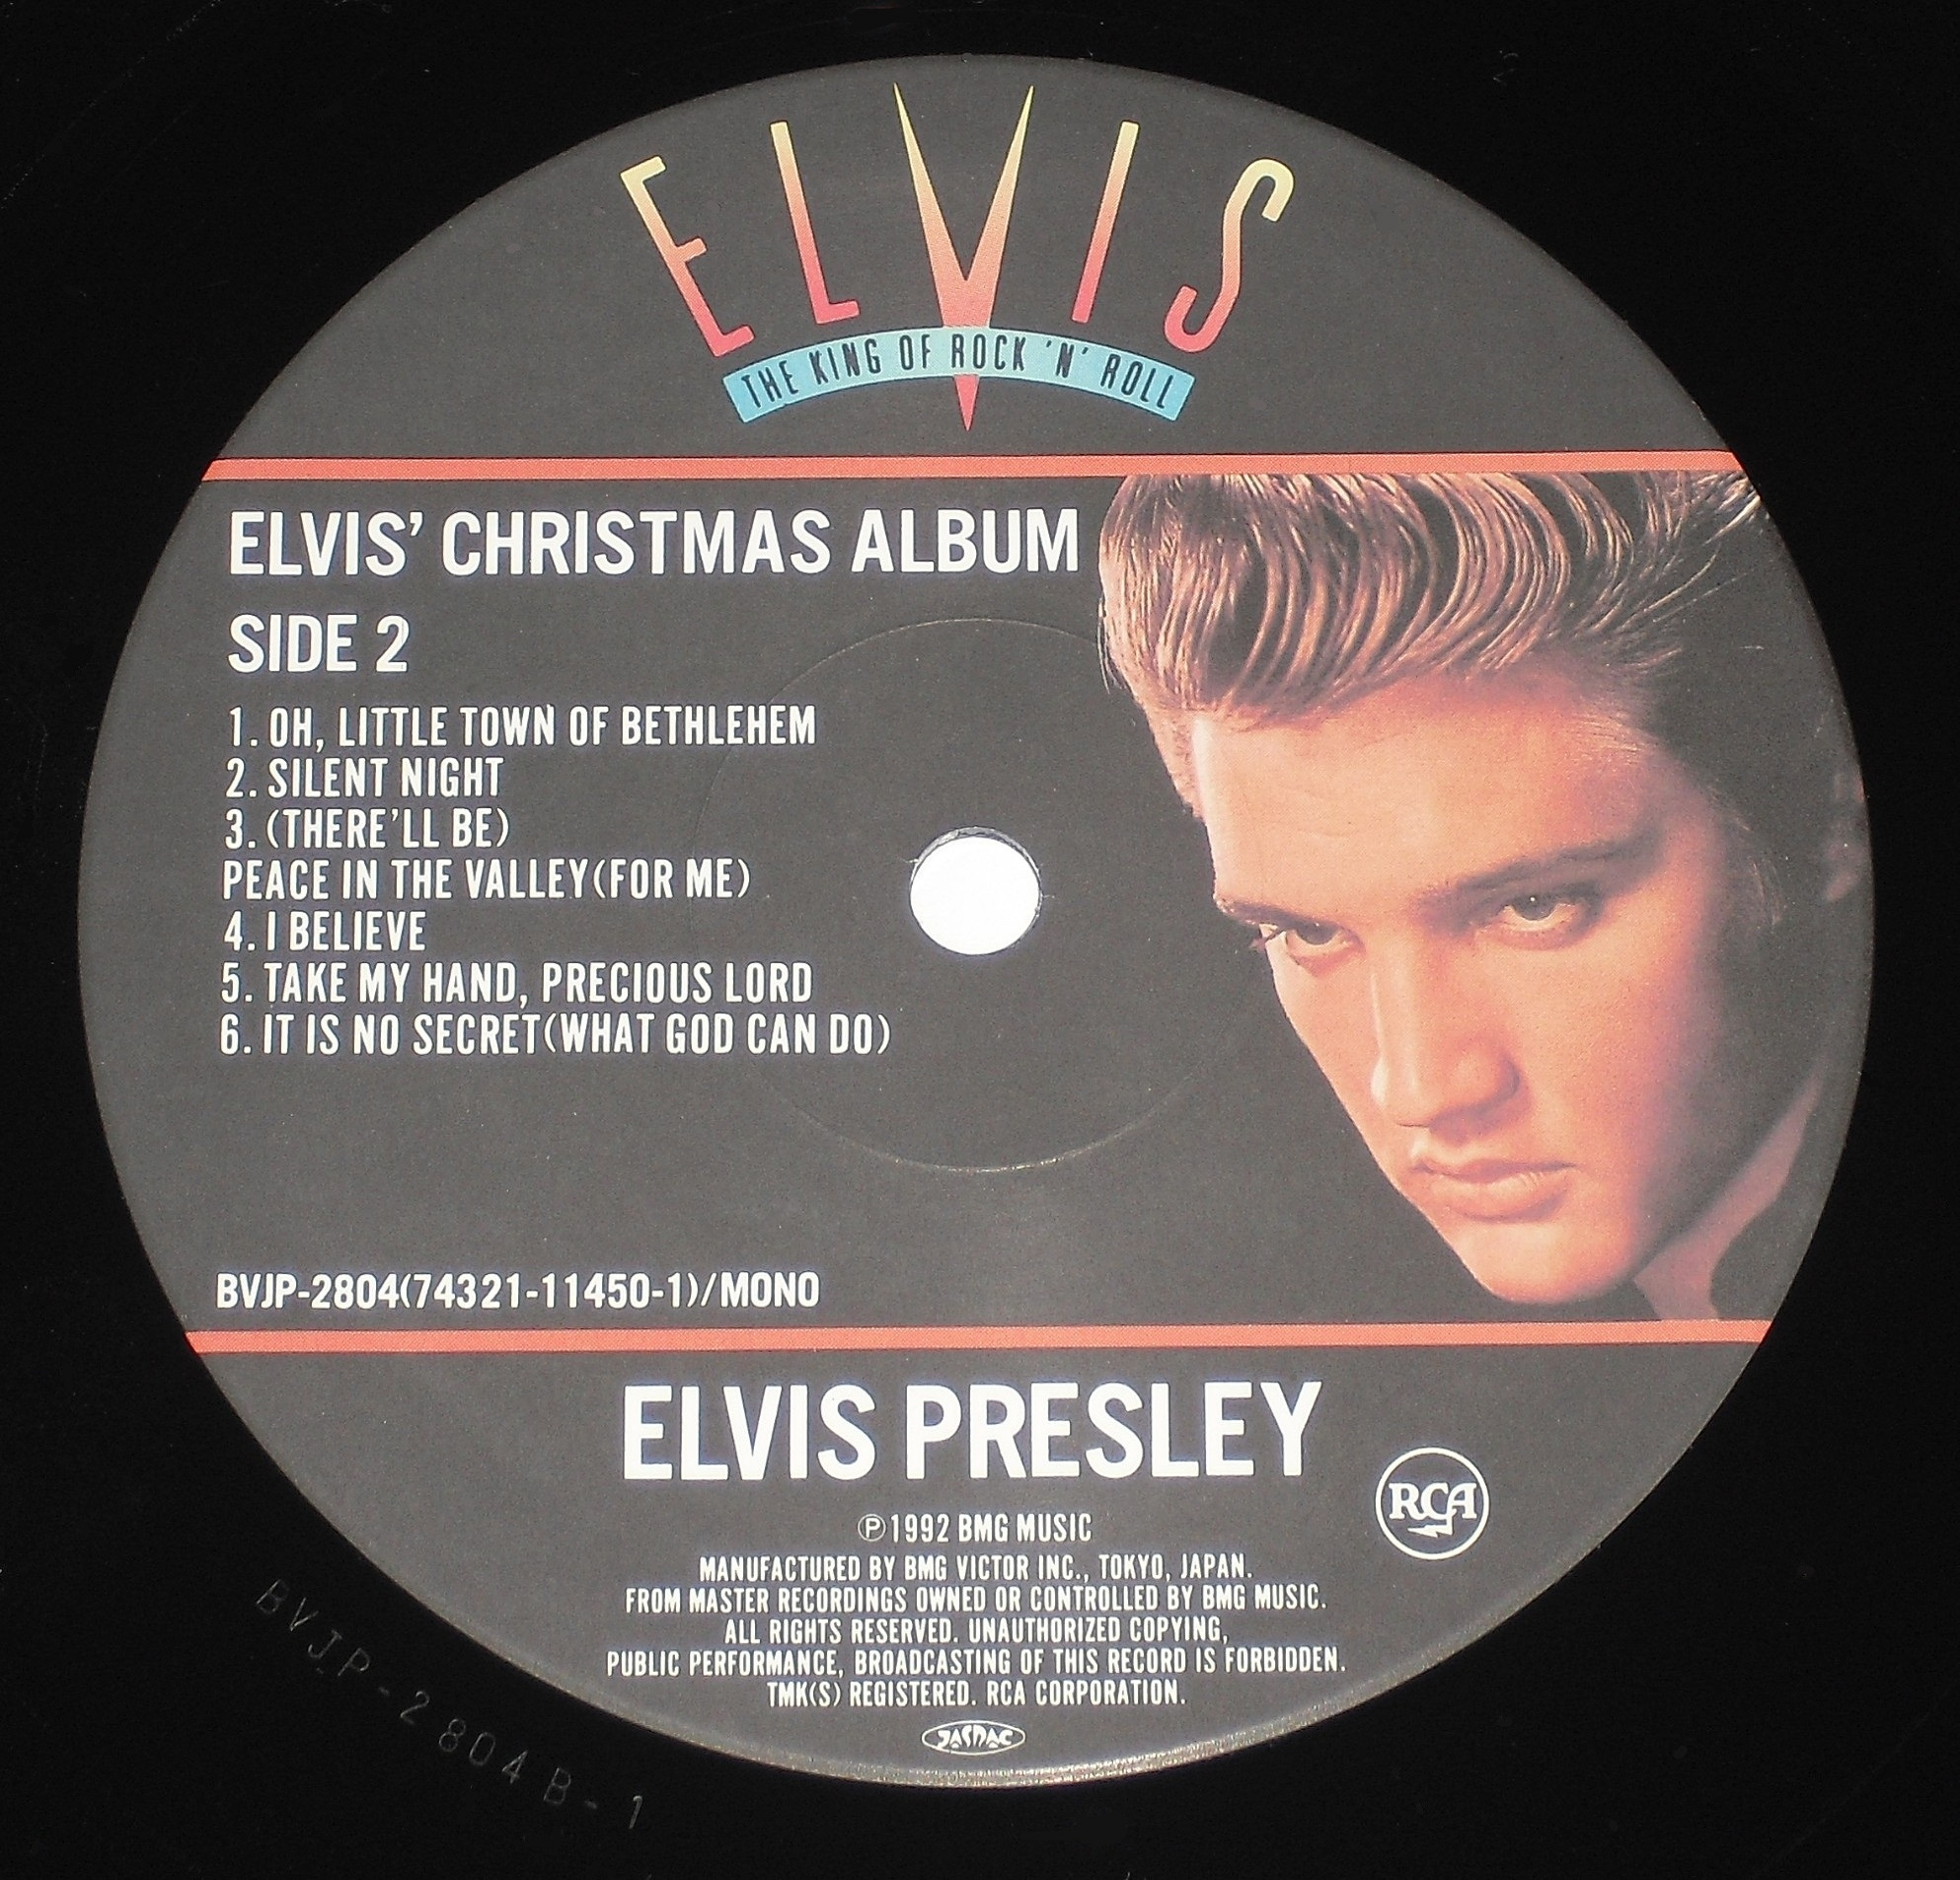 ELVIS' CHRISTMAS ALBUM 03s22queu